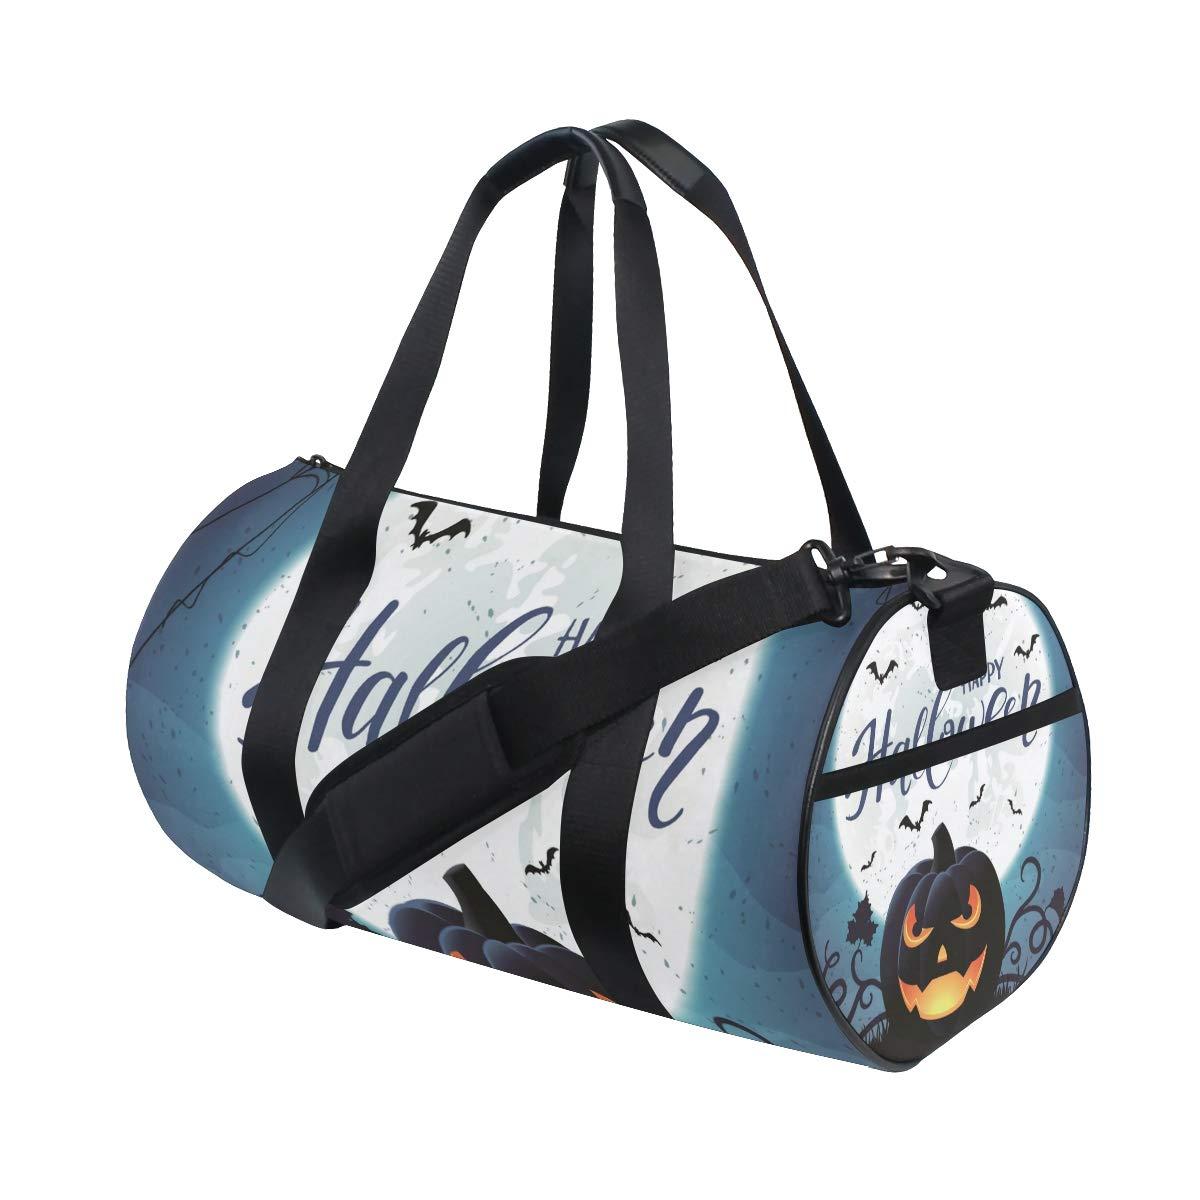 4da10df6a6 Amazon.com  Gym Duffel Bag Halloween Jack-O-Lantern Full Moon Sports  Lightweight Canvas Travel Luggage Bag  AHOMY